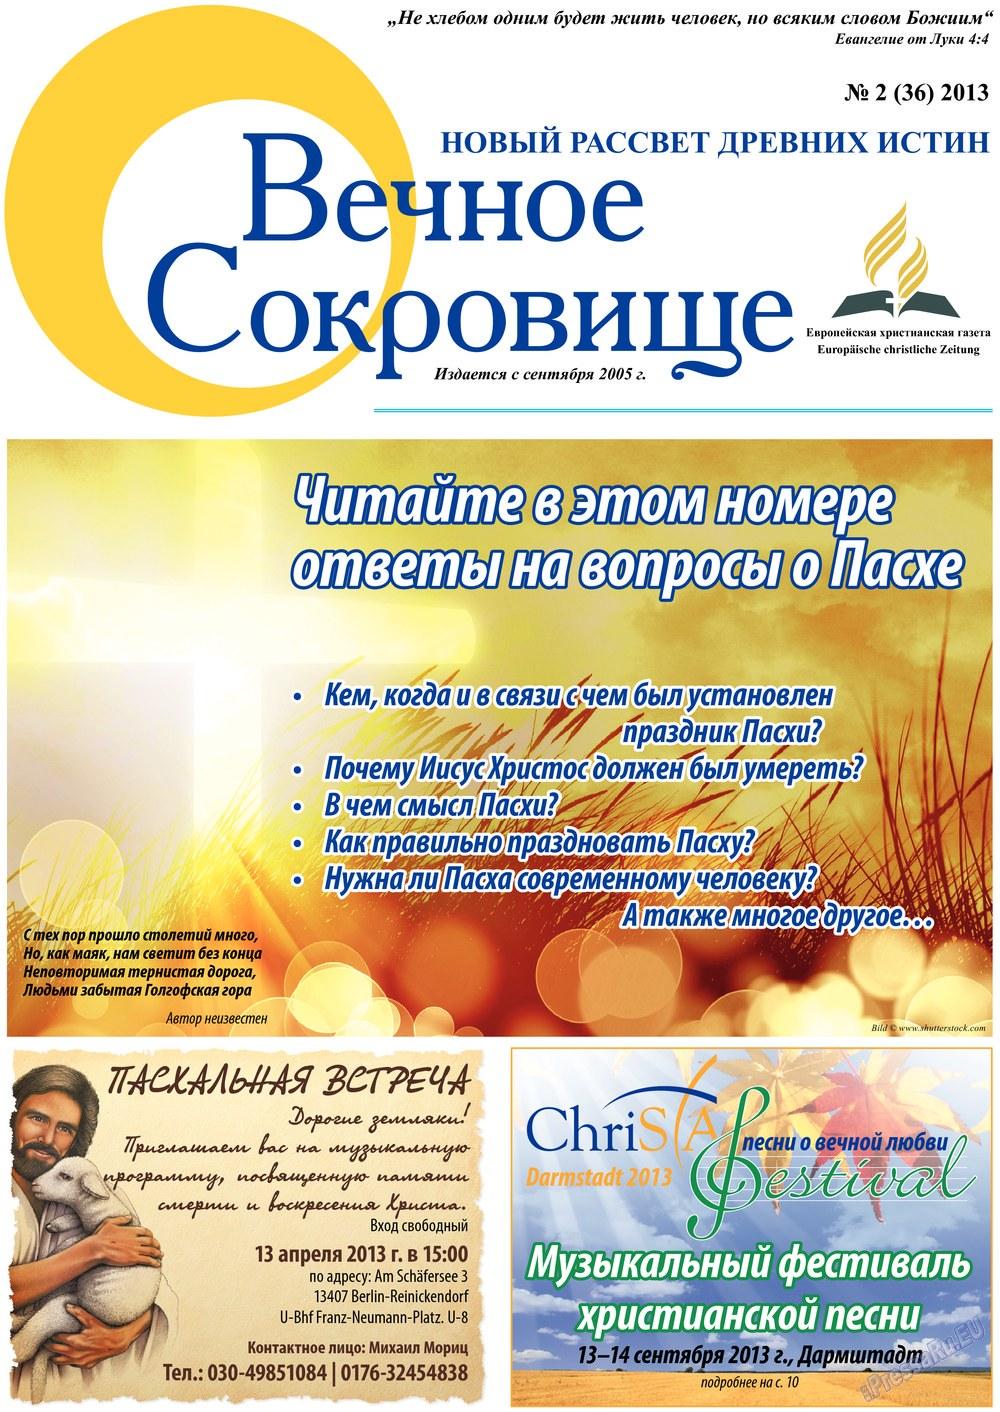 Вечное сокровище (газета). 2013 год, номер 2, стр. 1